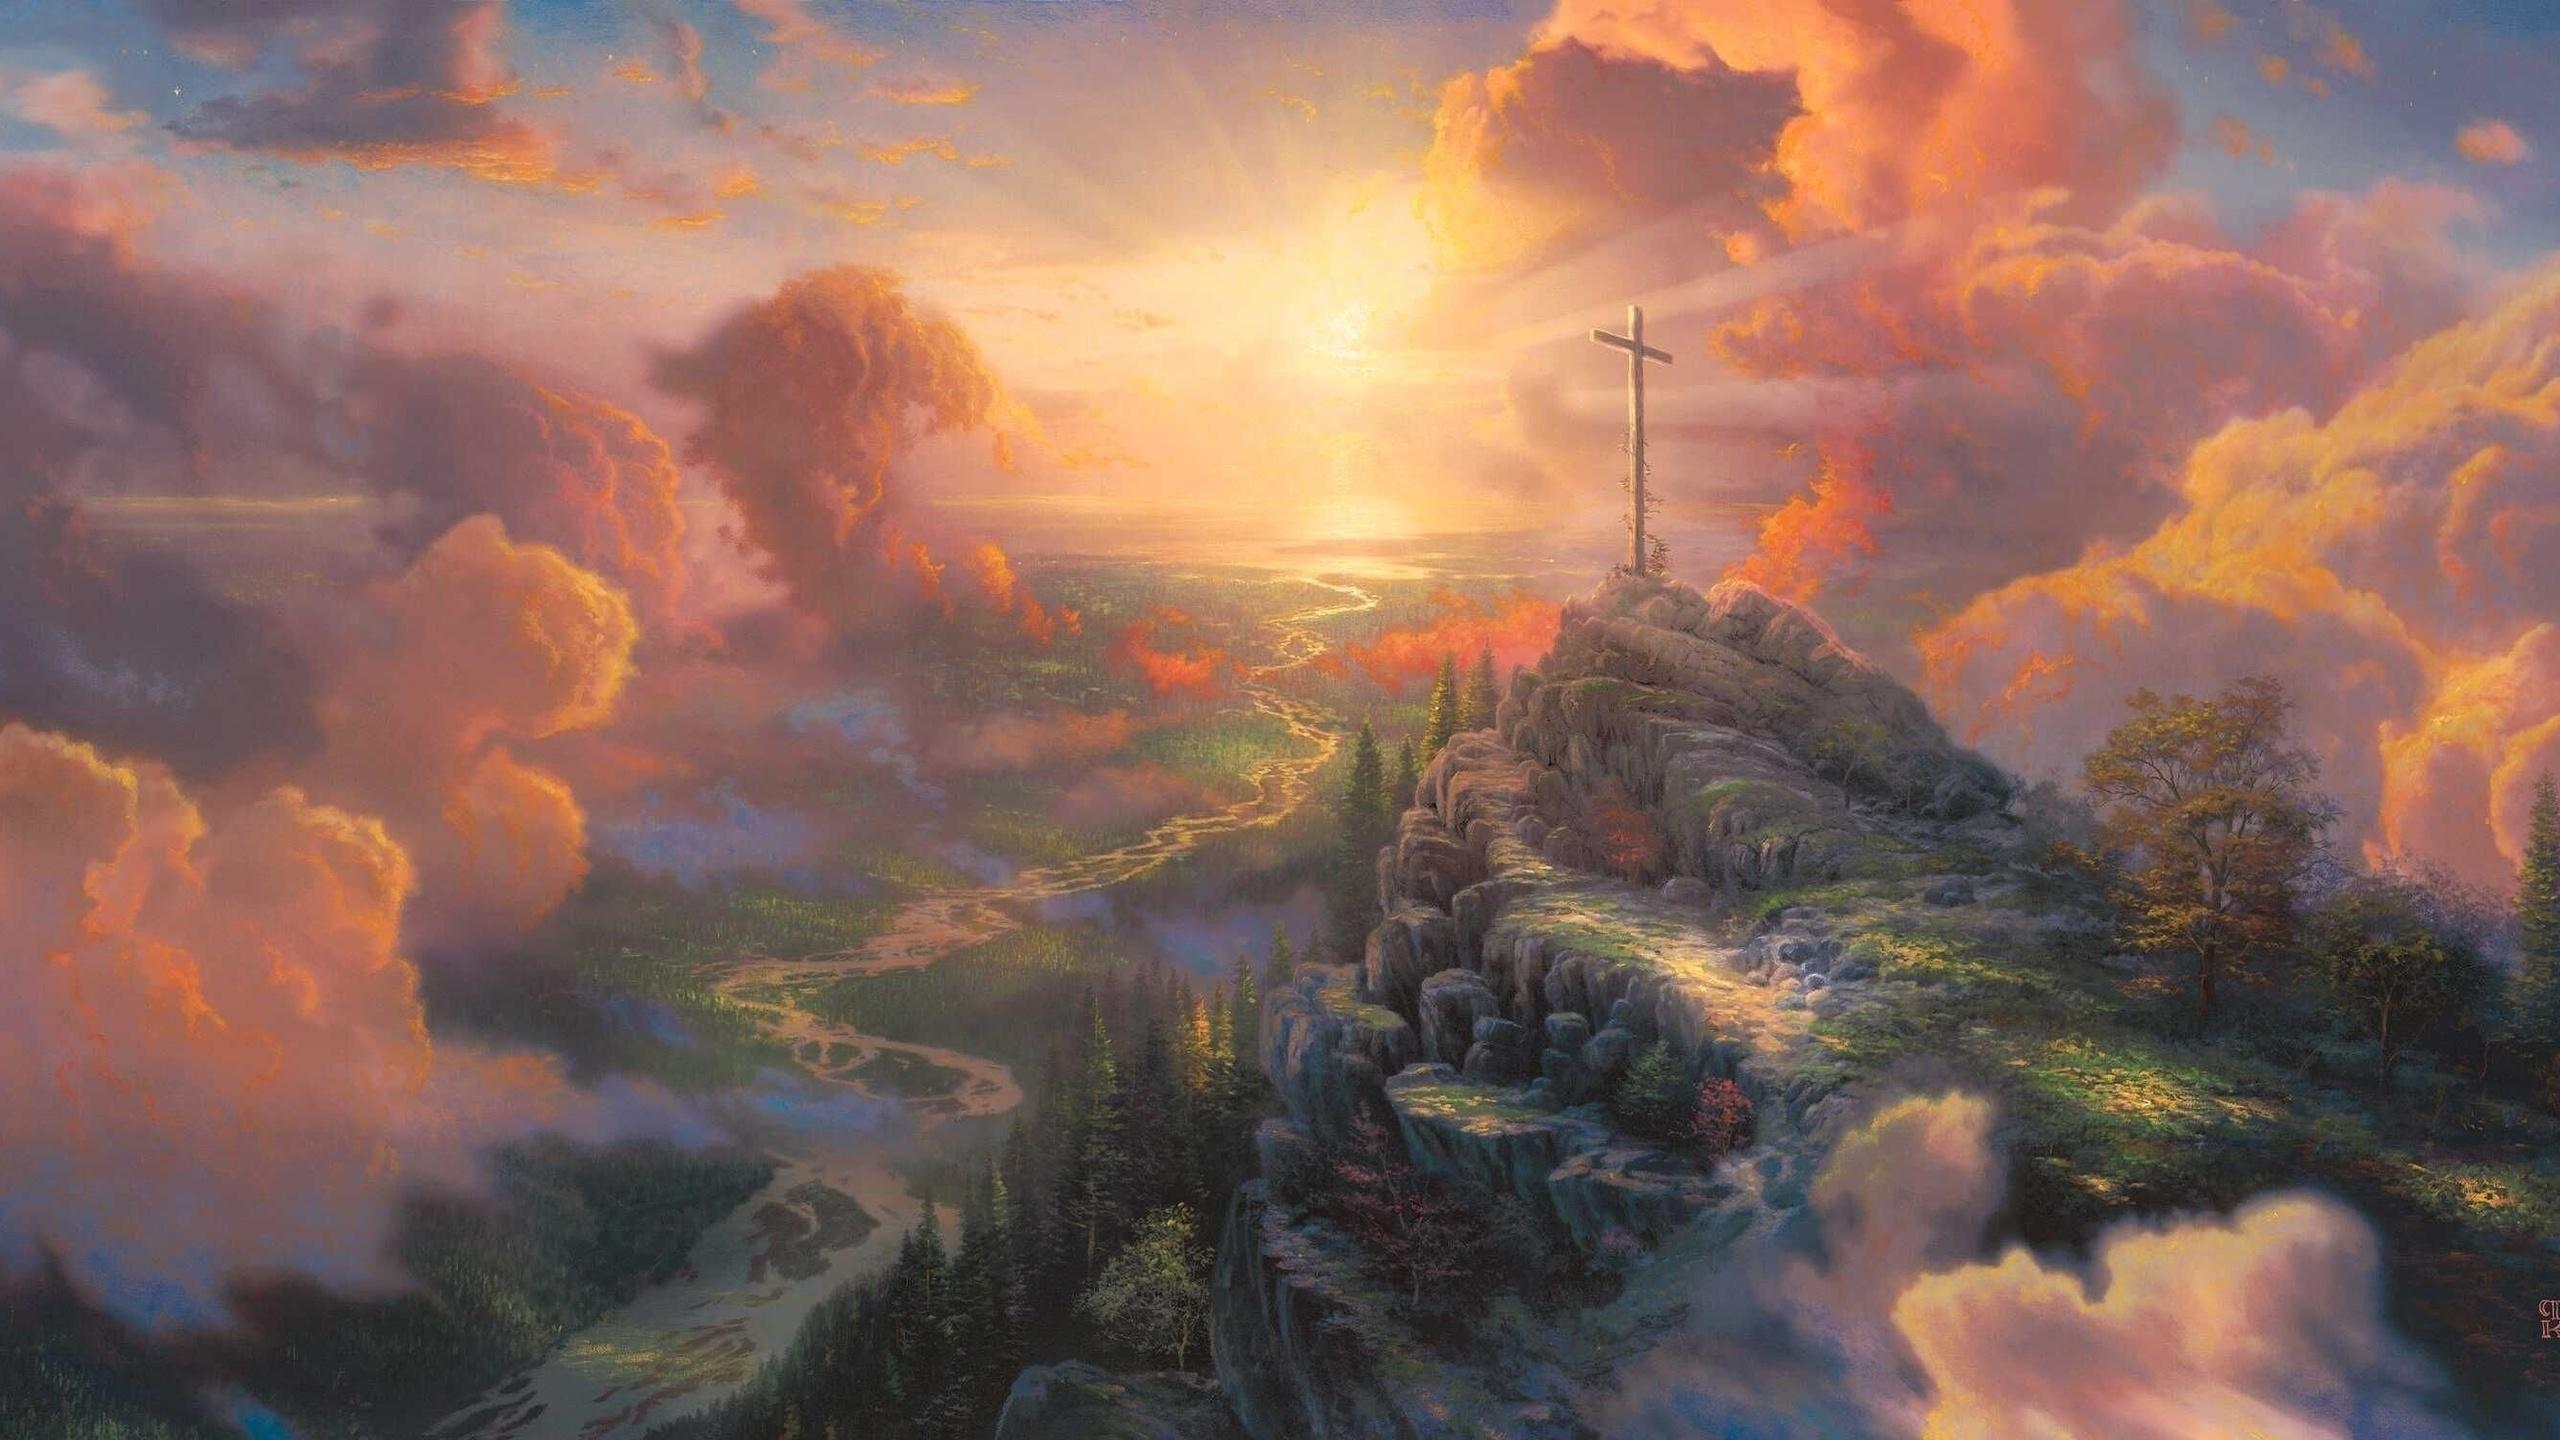 фотообои божие небесные города археолог согласно сюжету